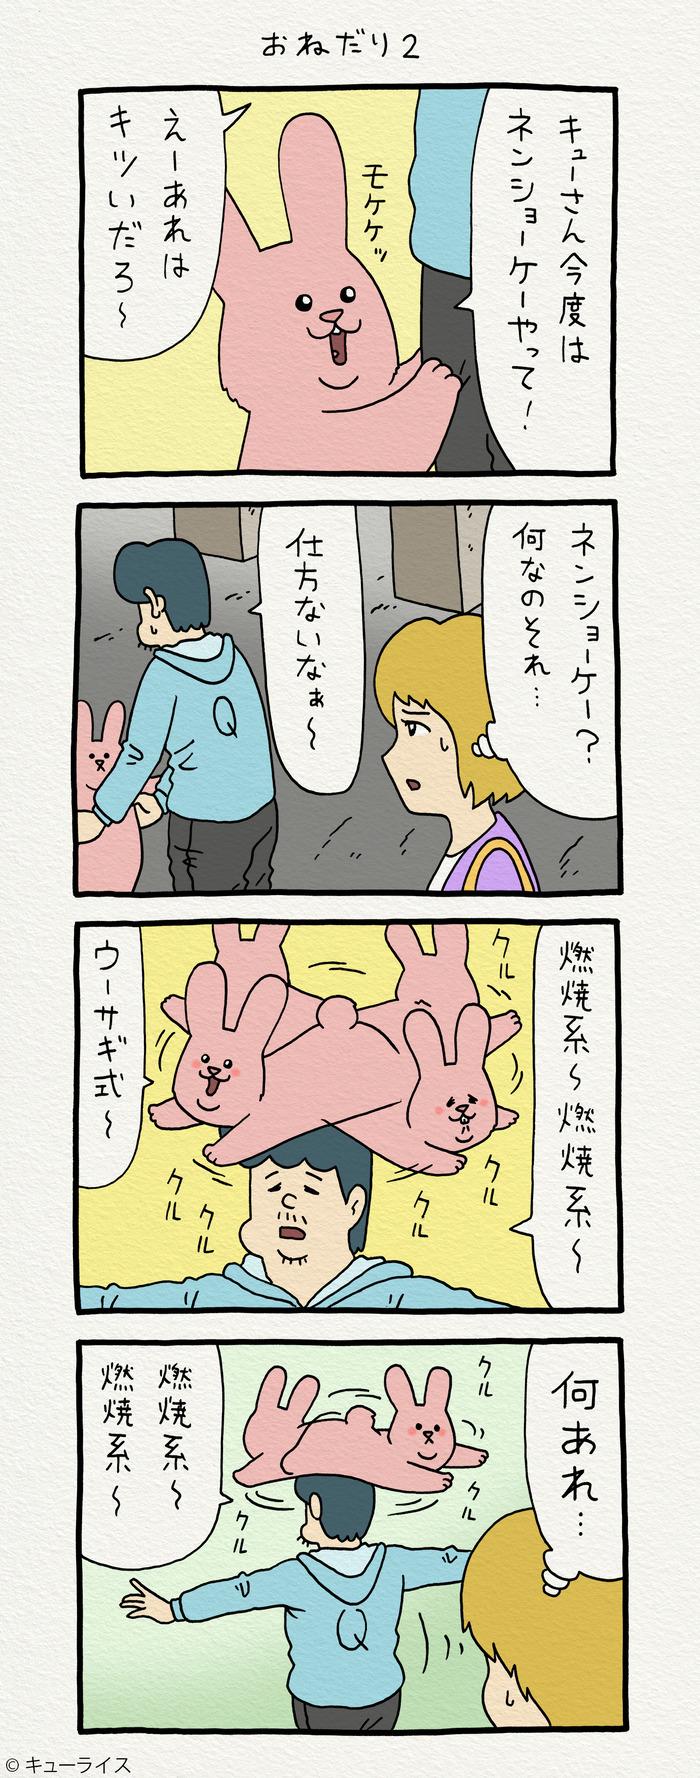 スキウサギ おねだり2 のコピー